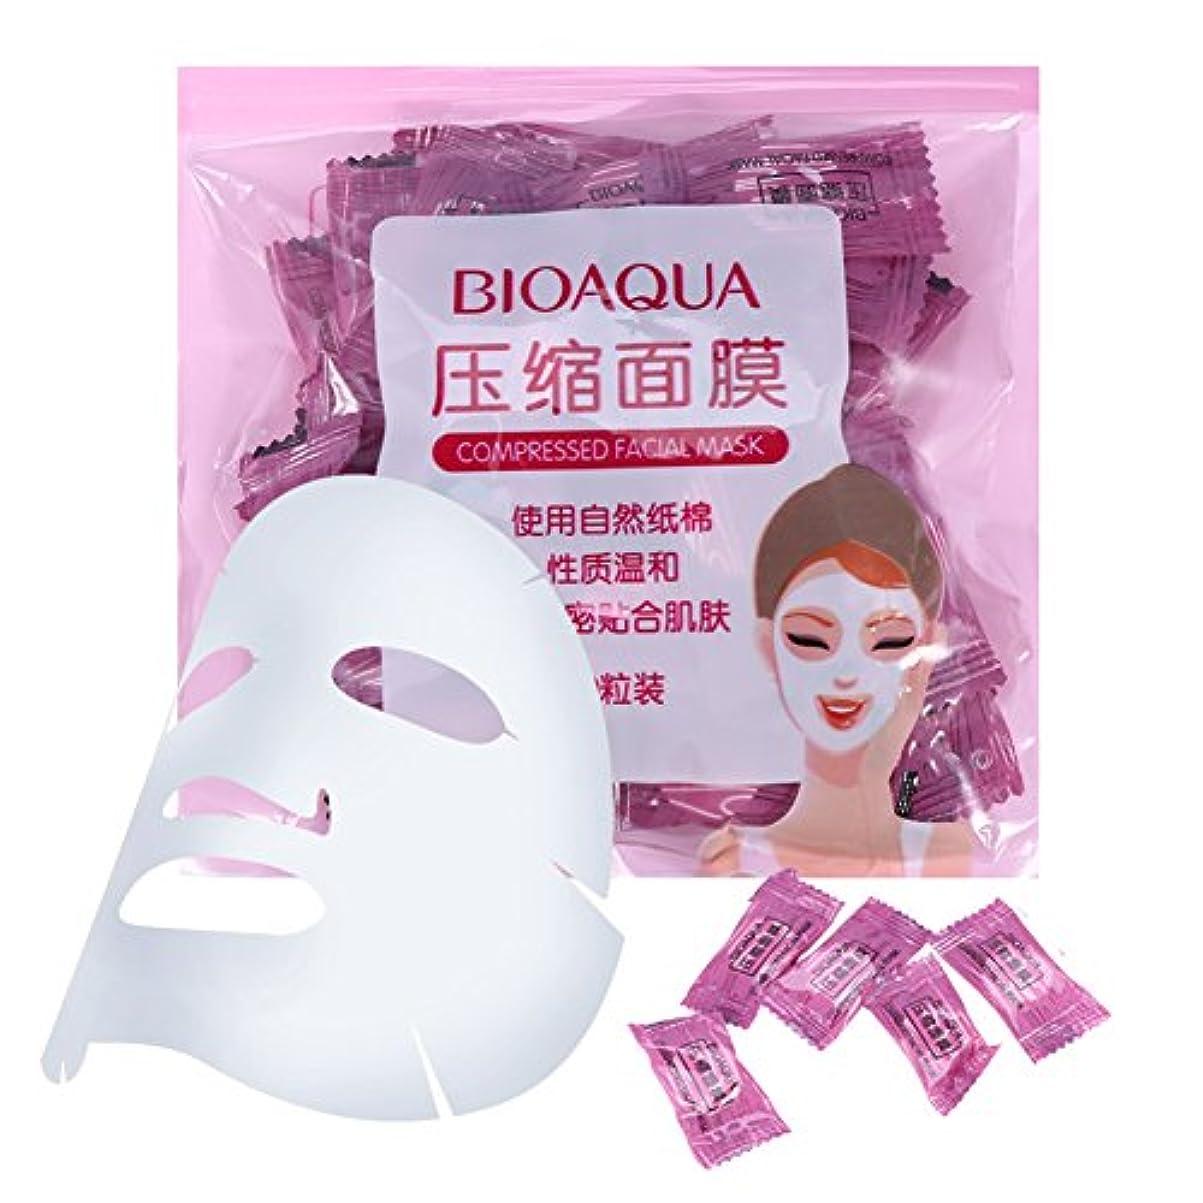 報酬の悲観的ゆりかごスキンケア 50個/パックナチュラル 不織布 圧縮 フェイスマスク DIYフェイシャルマスク